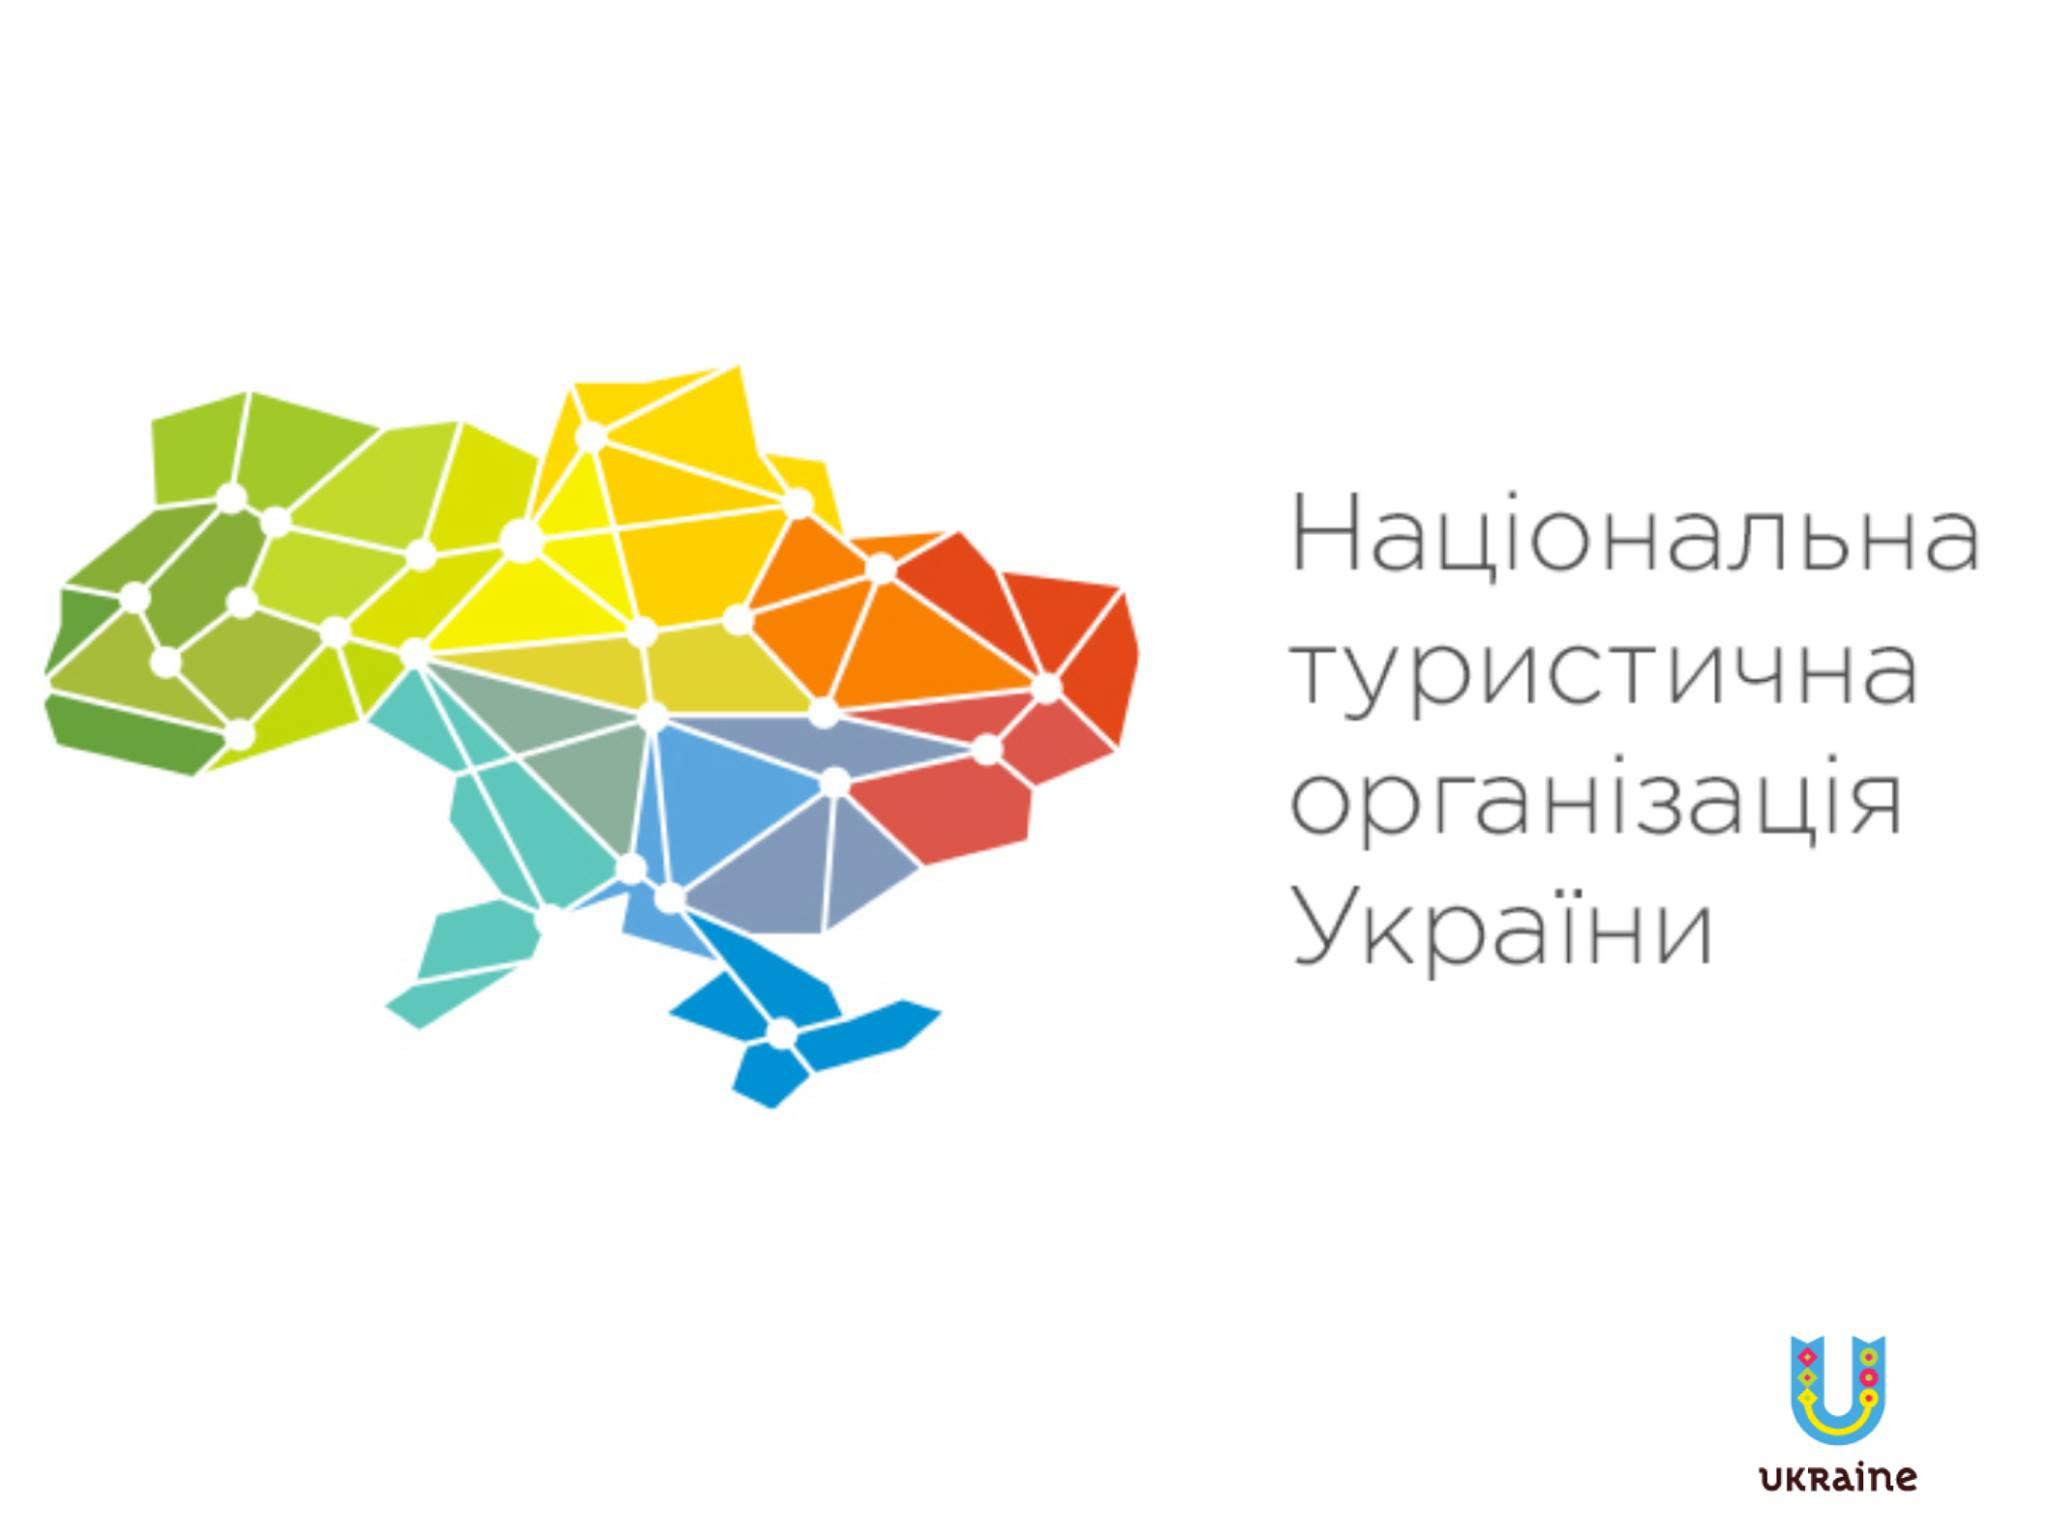 АССОЦИАЦИЯ «УКРВНЕШТРАНС» получила статус действительного участника Национальной Туристической Организации Украины